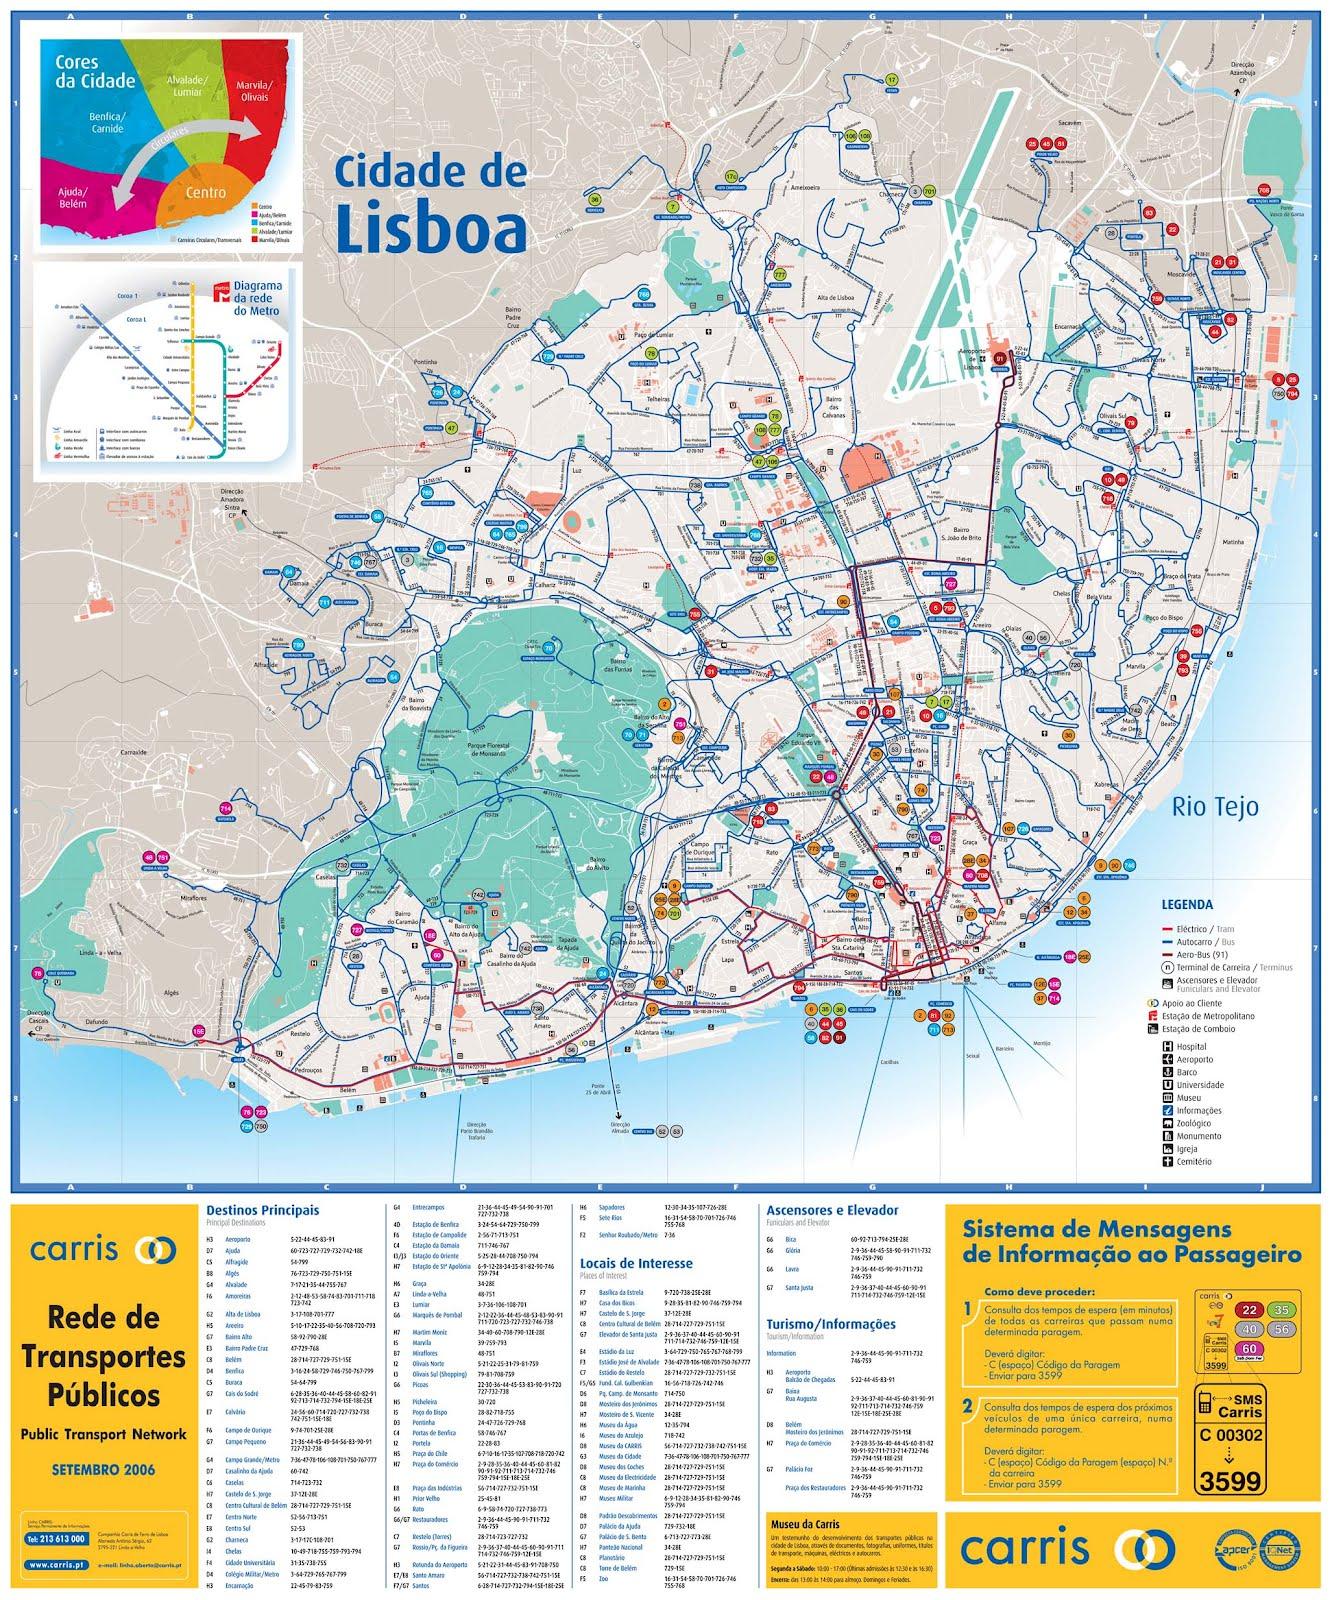 mapa regiao lisboa Mapas de Lisboa   Portugal | MapasBlog mapa regiao lisboa